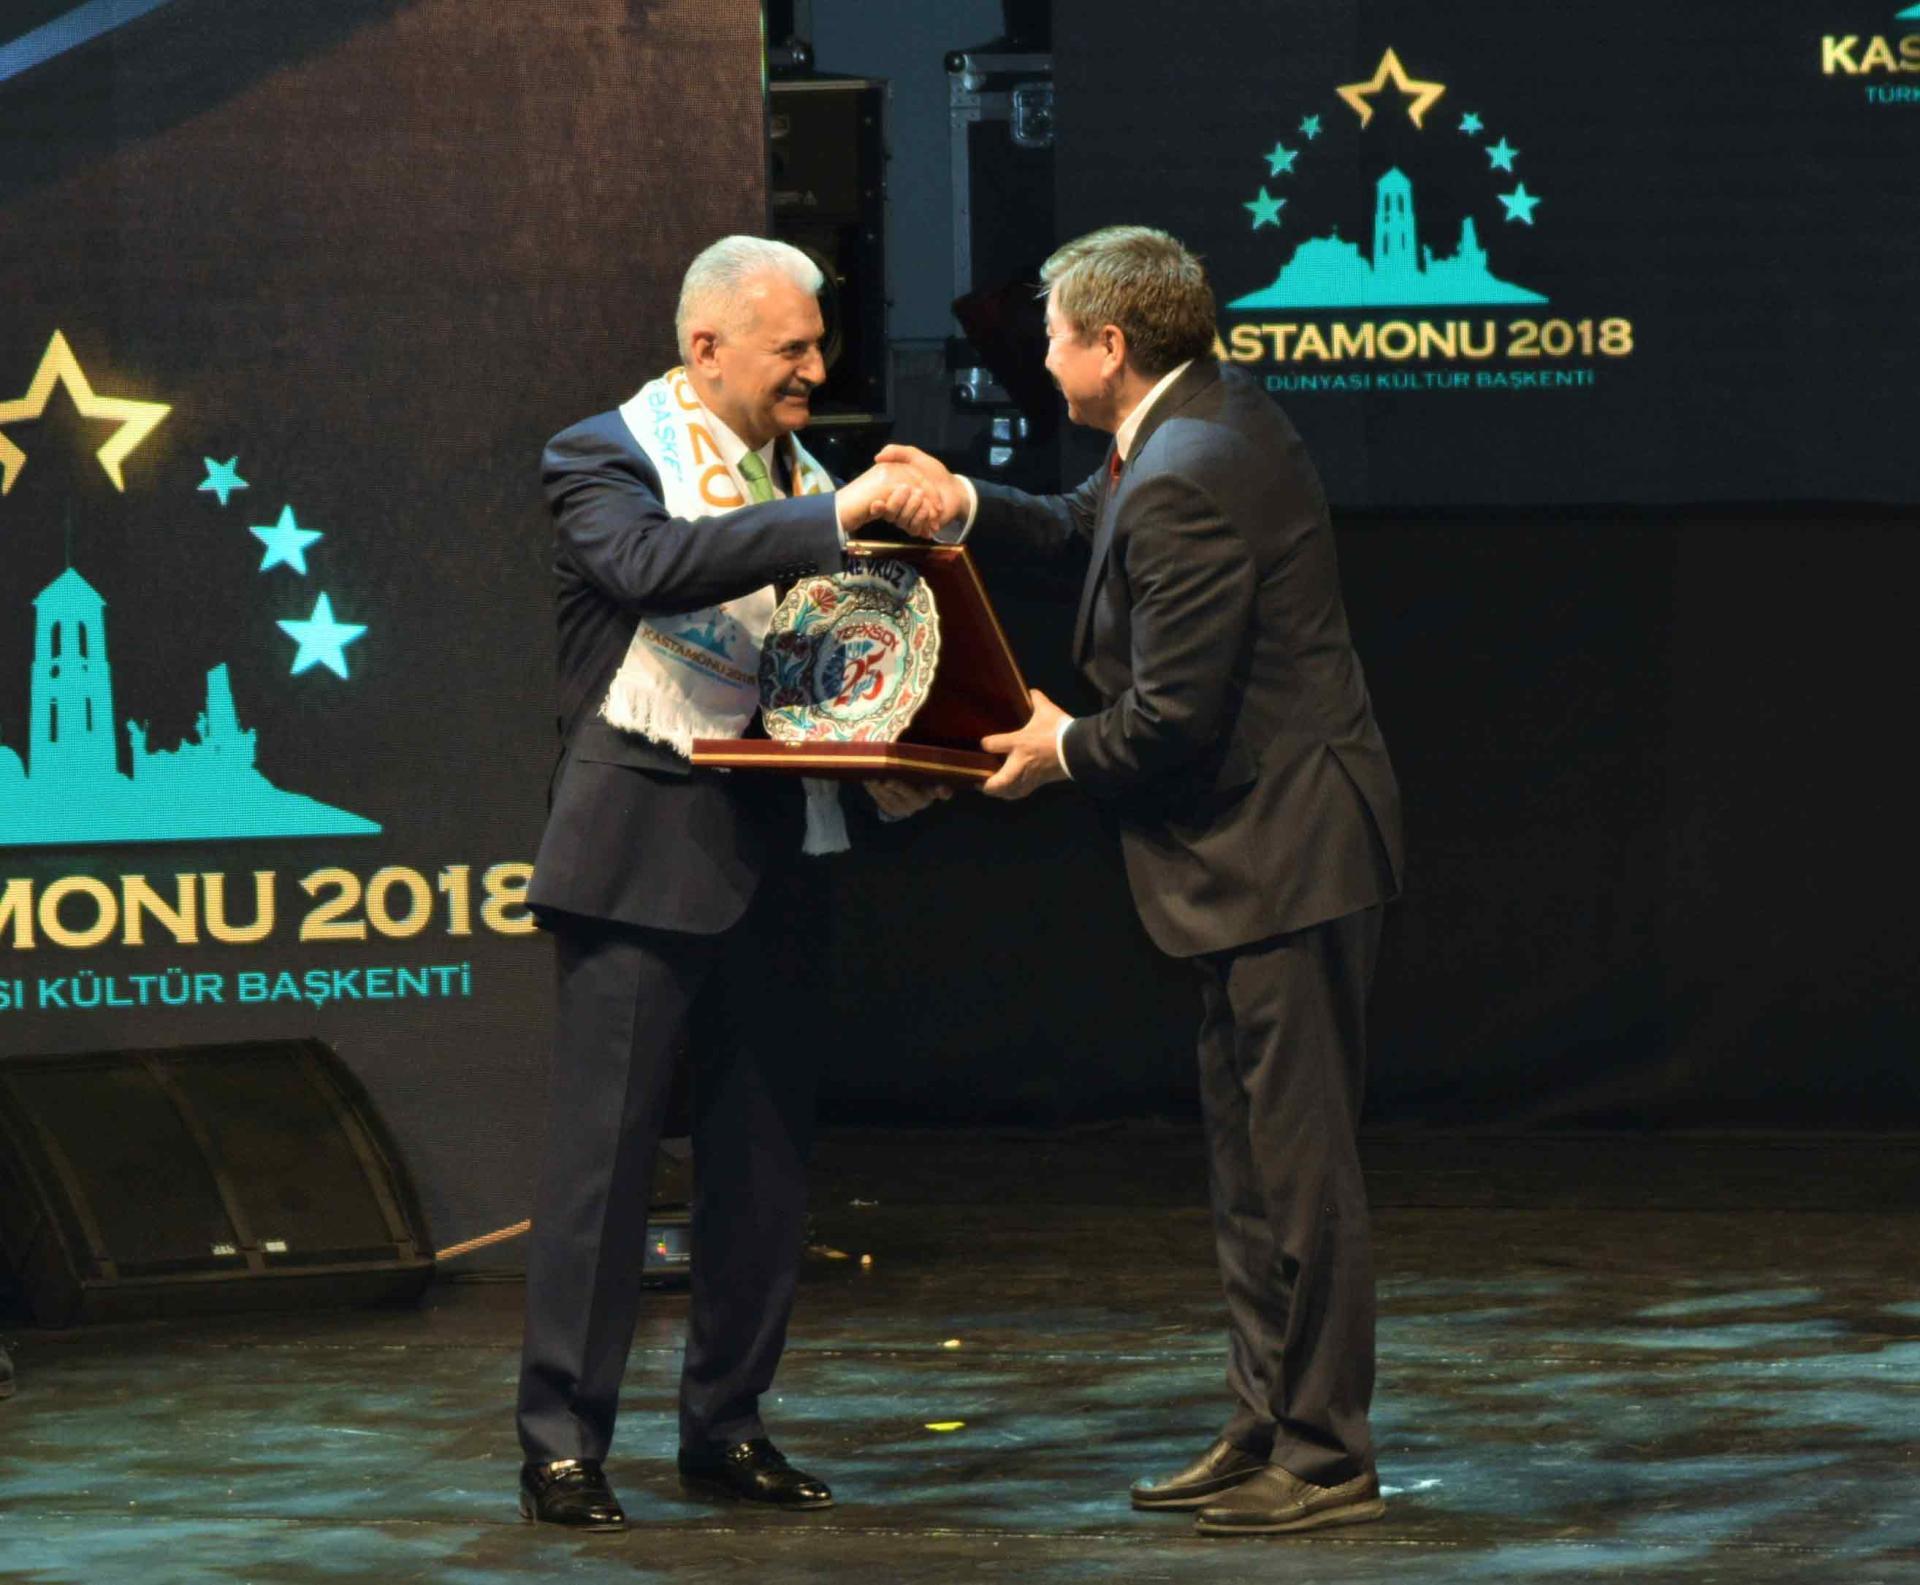 Türk Dünyası Kültür Başkenti Kastamonu'ya Muhteşem Açılış